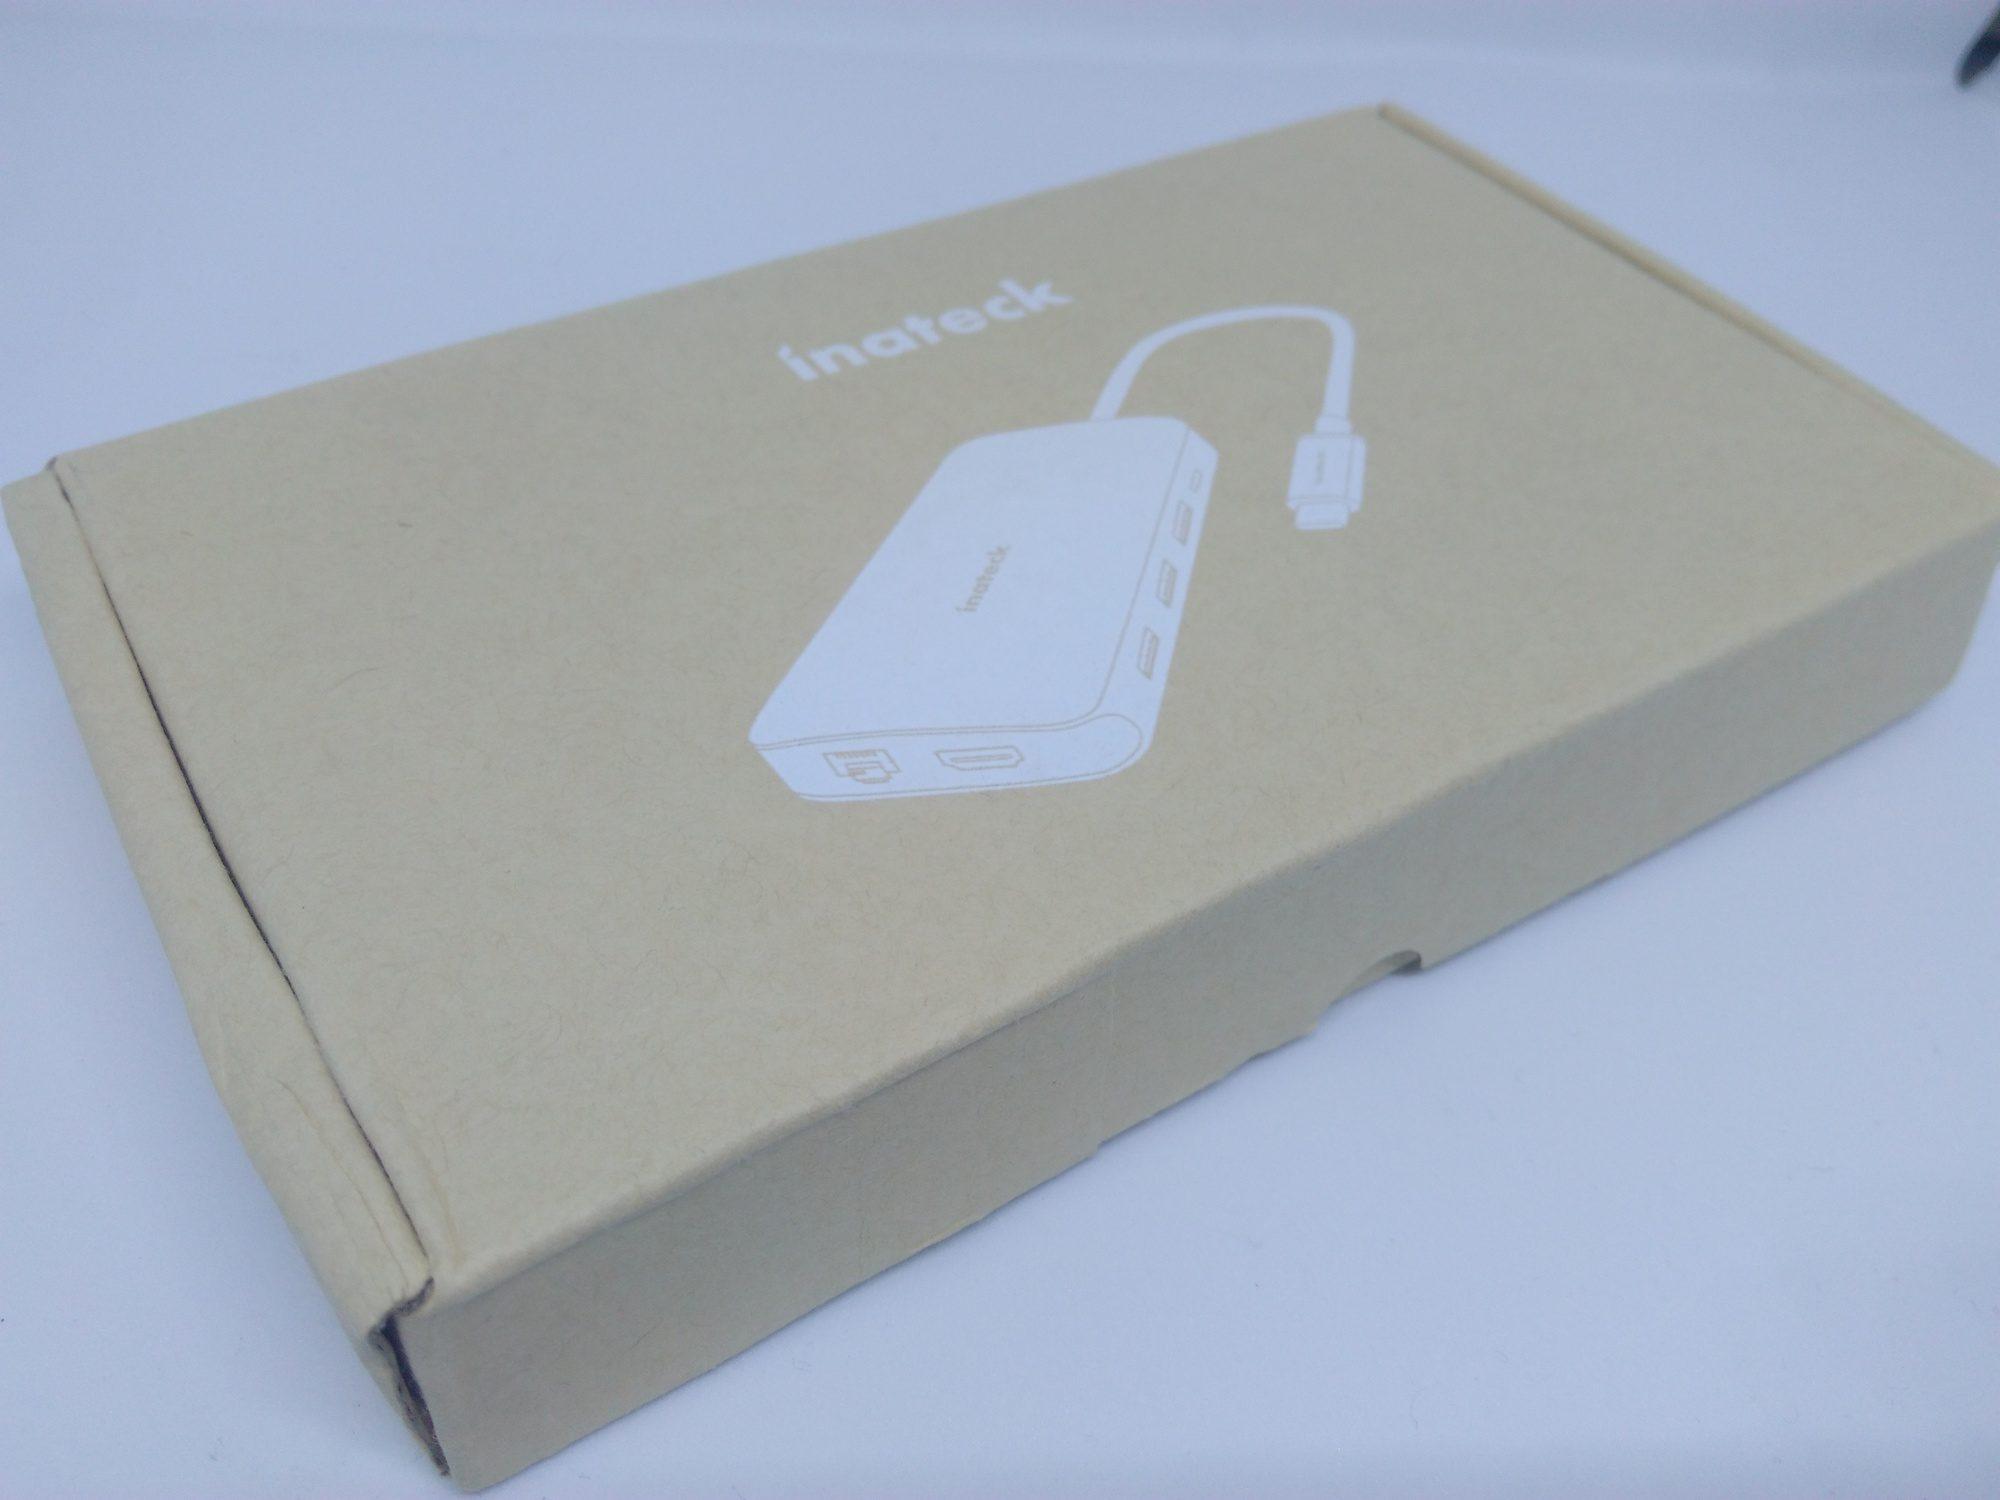 inateck-SC01001-package vue de côté